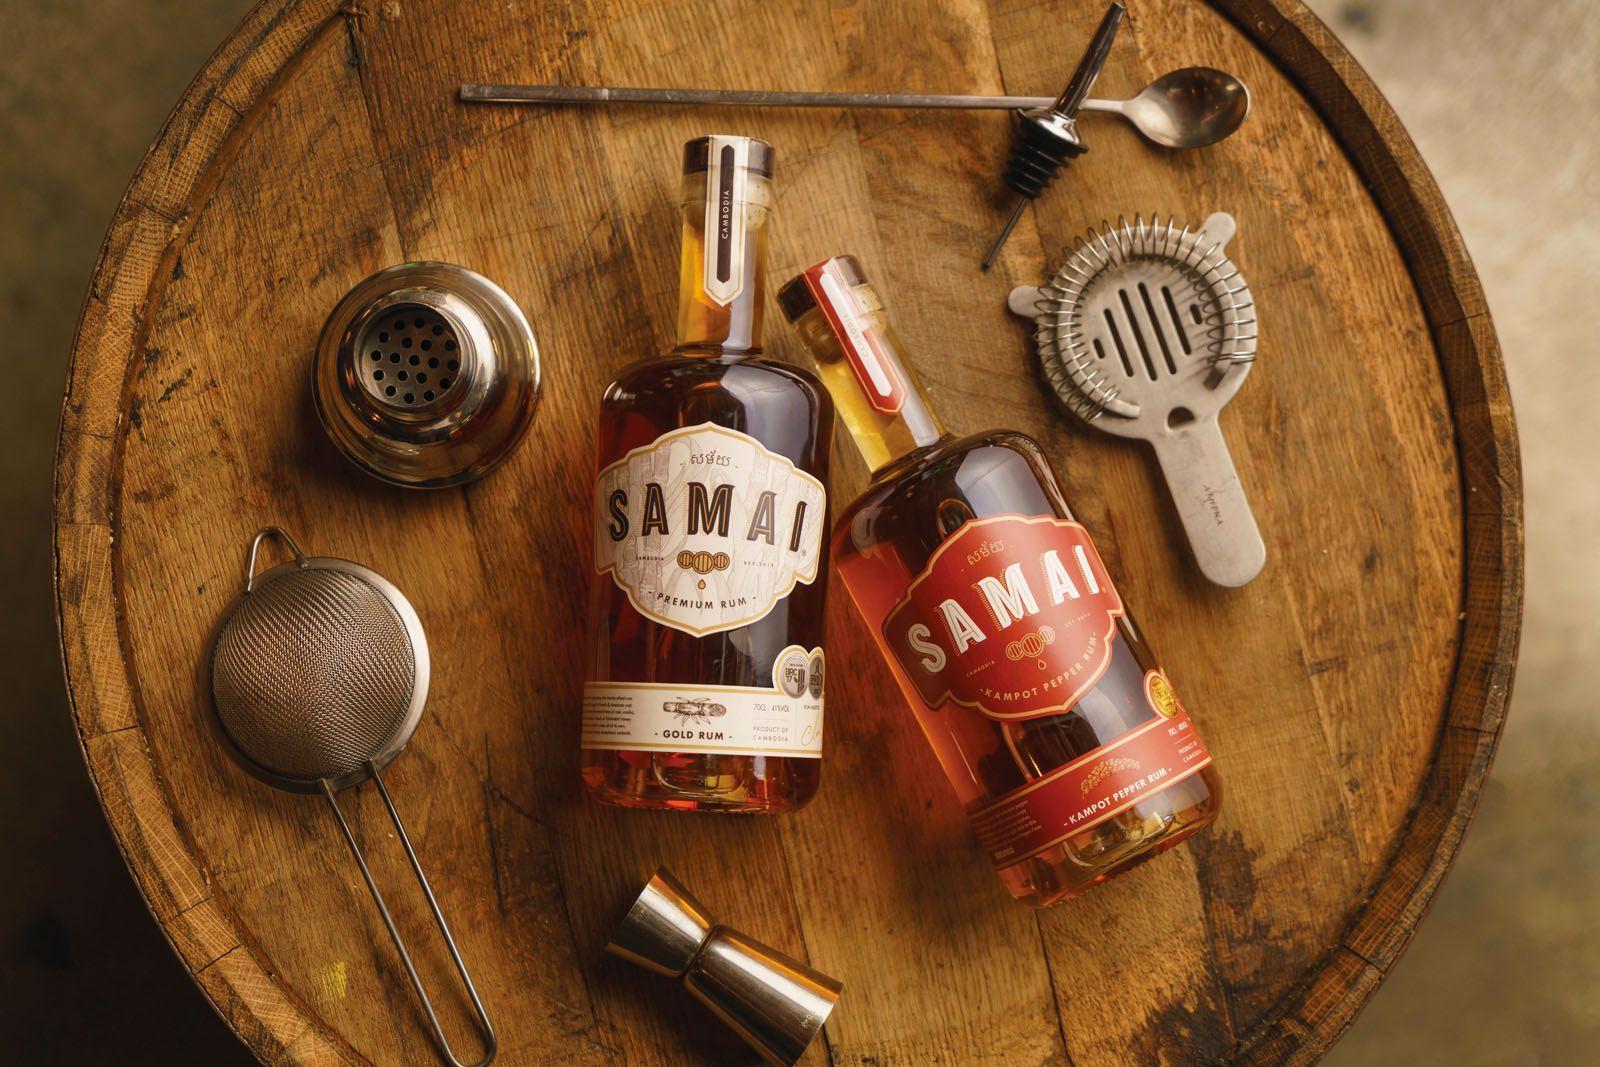 Samai Gold and Kampot Pepper Rum